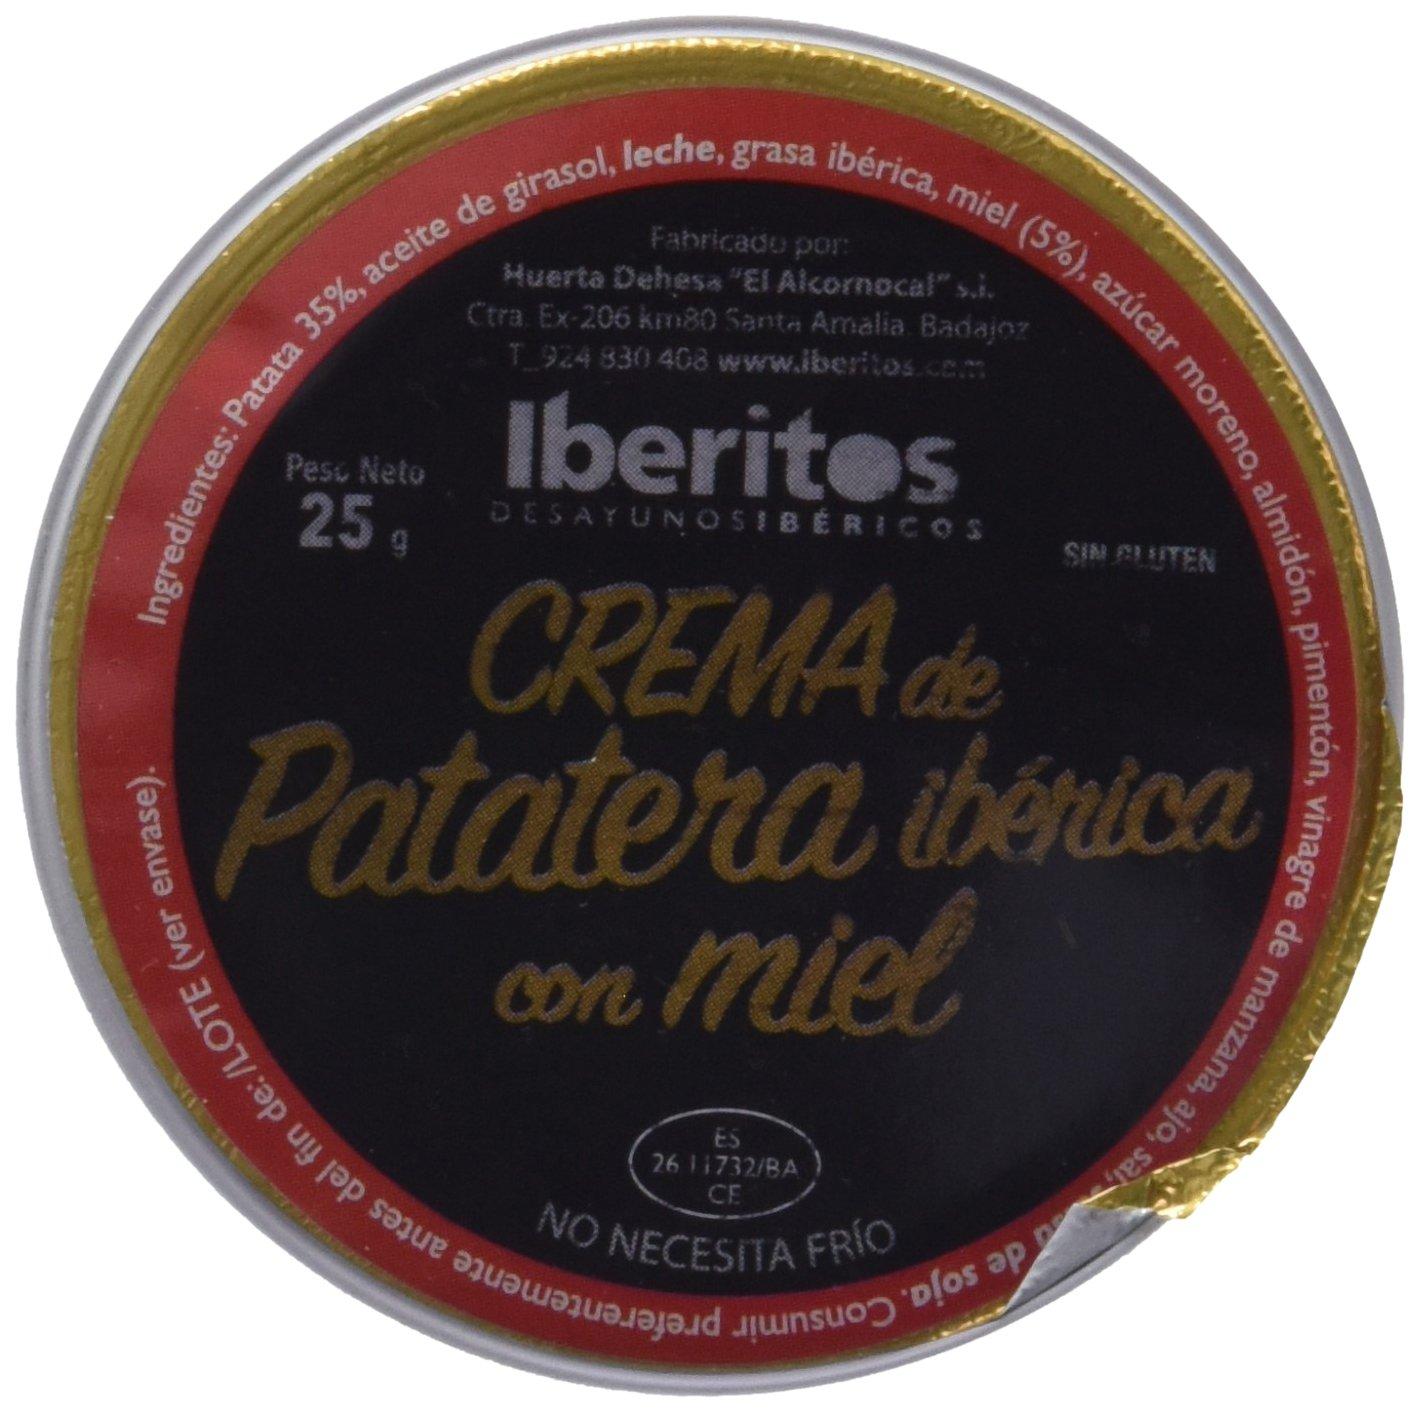 Iberitos Patatera con Miel - 6 Paquetes de 18 x 25 gr - Total: 2700 gr: Amazon.es: Alimentación y bebidas